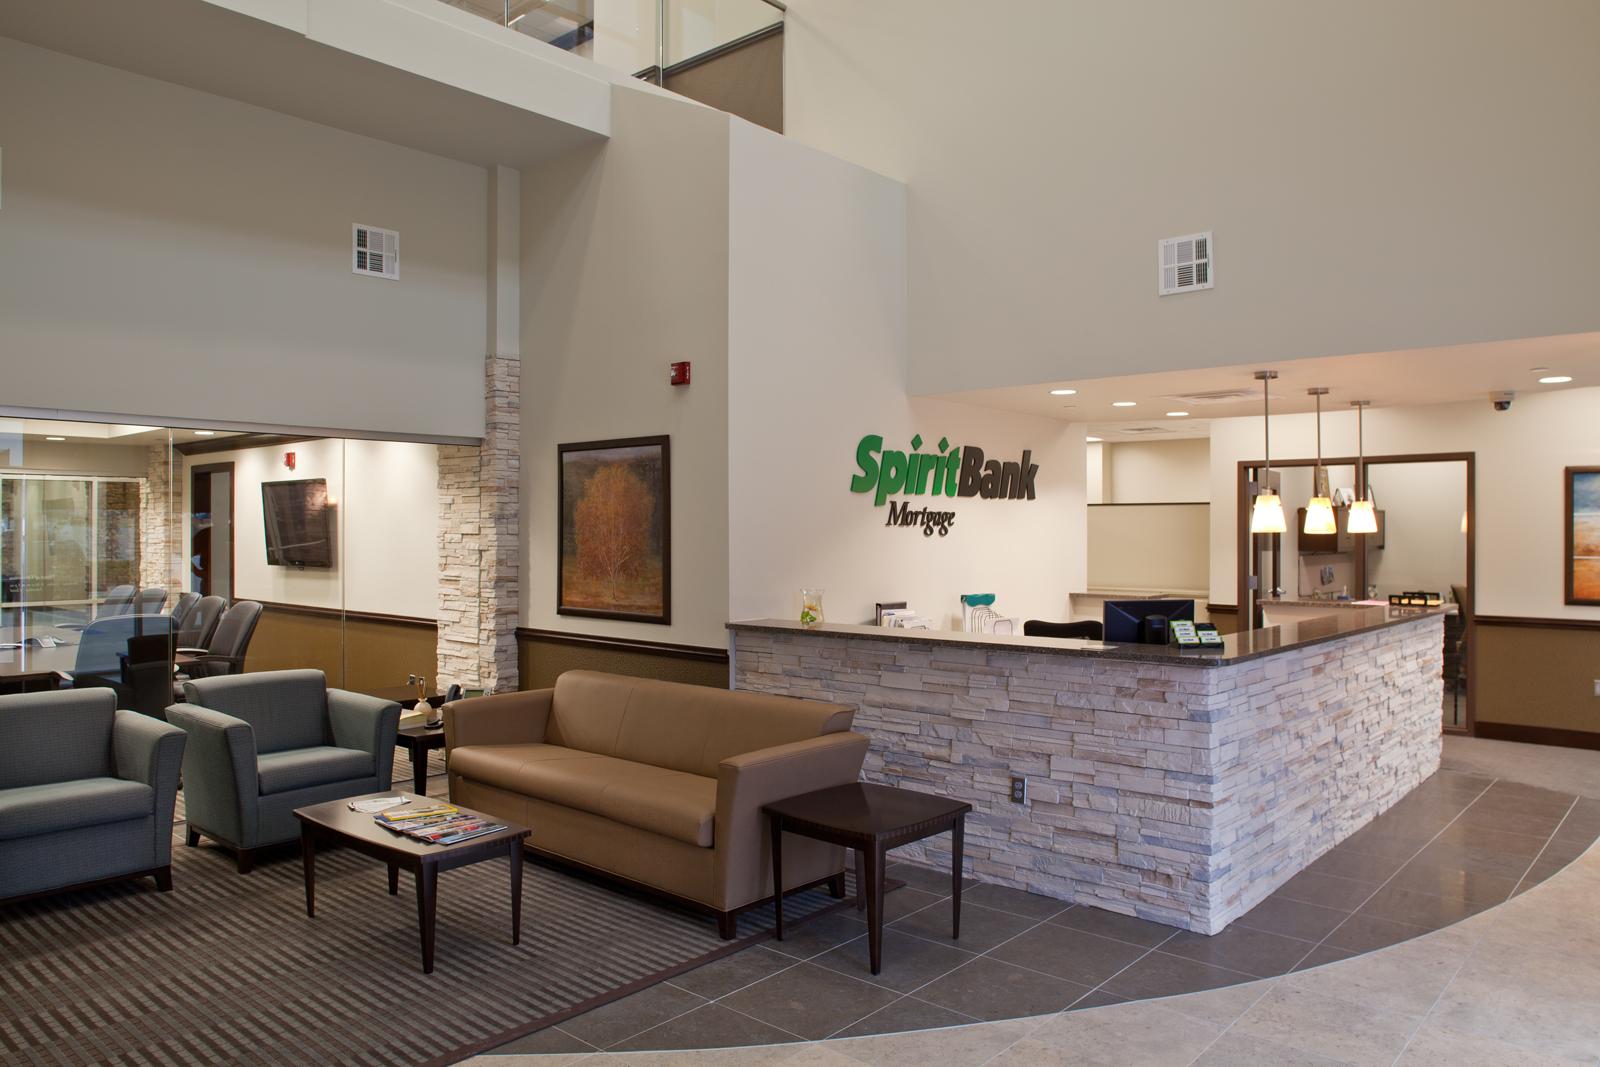 Spirit Bank Mortgage